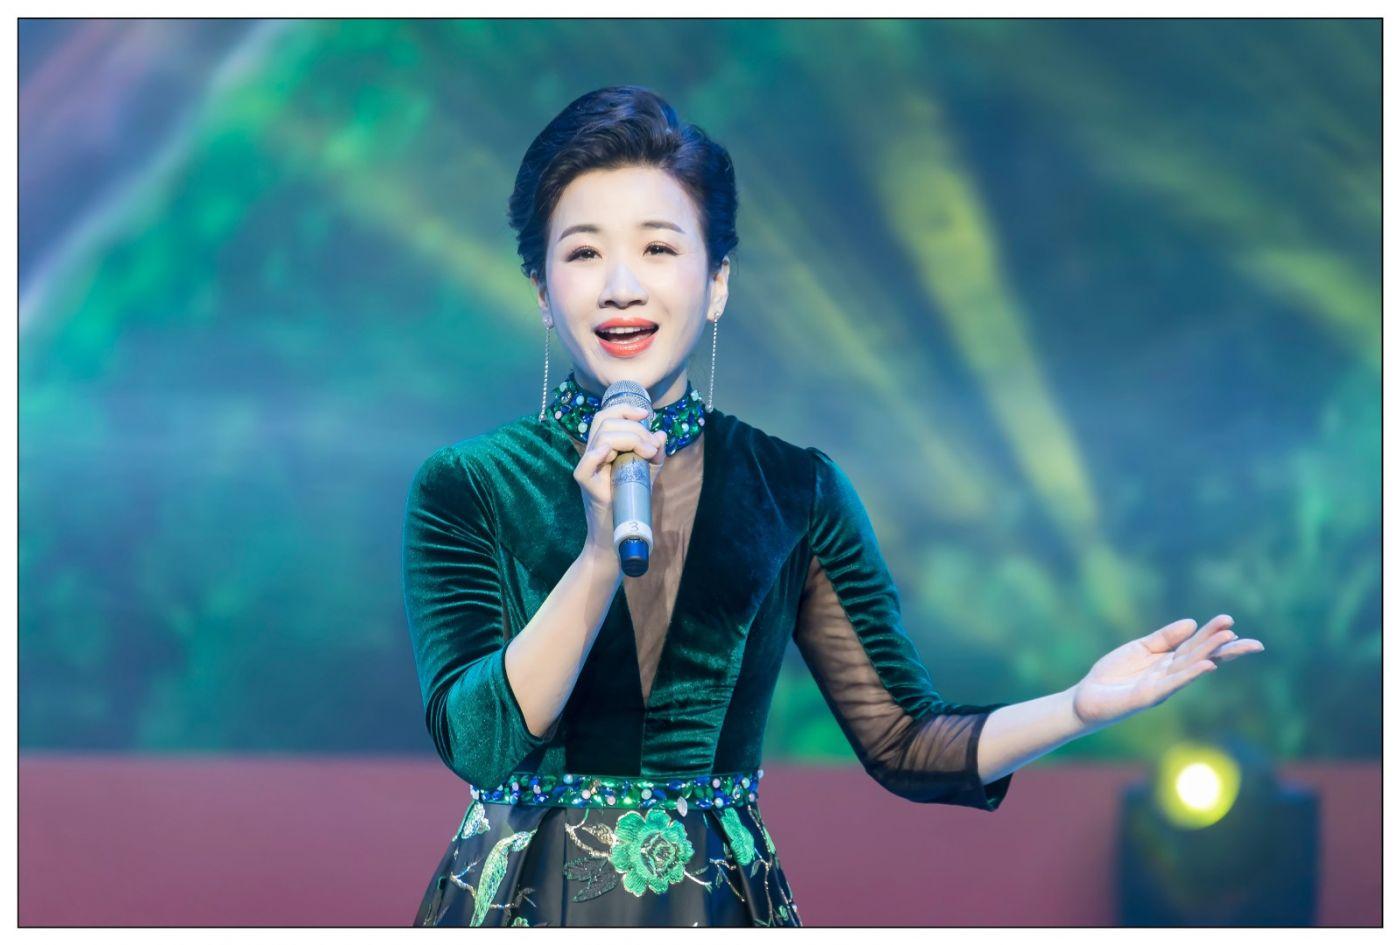 又见星光大道冠军歌手张海军 1月26央视播出 将自己唱哭的歌手 ..._图1-21